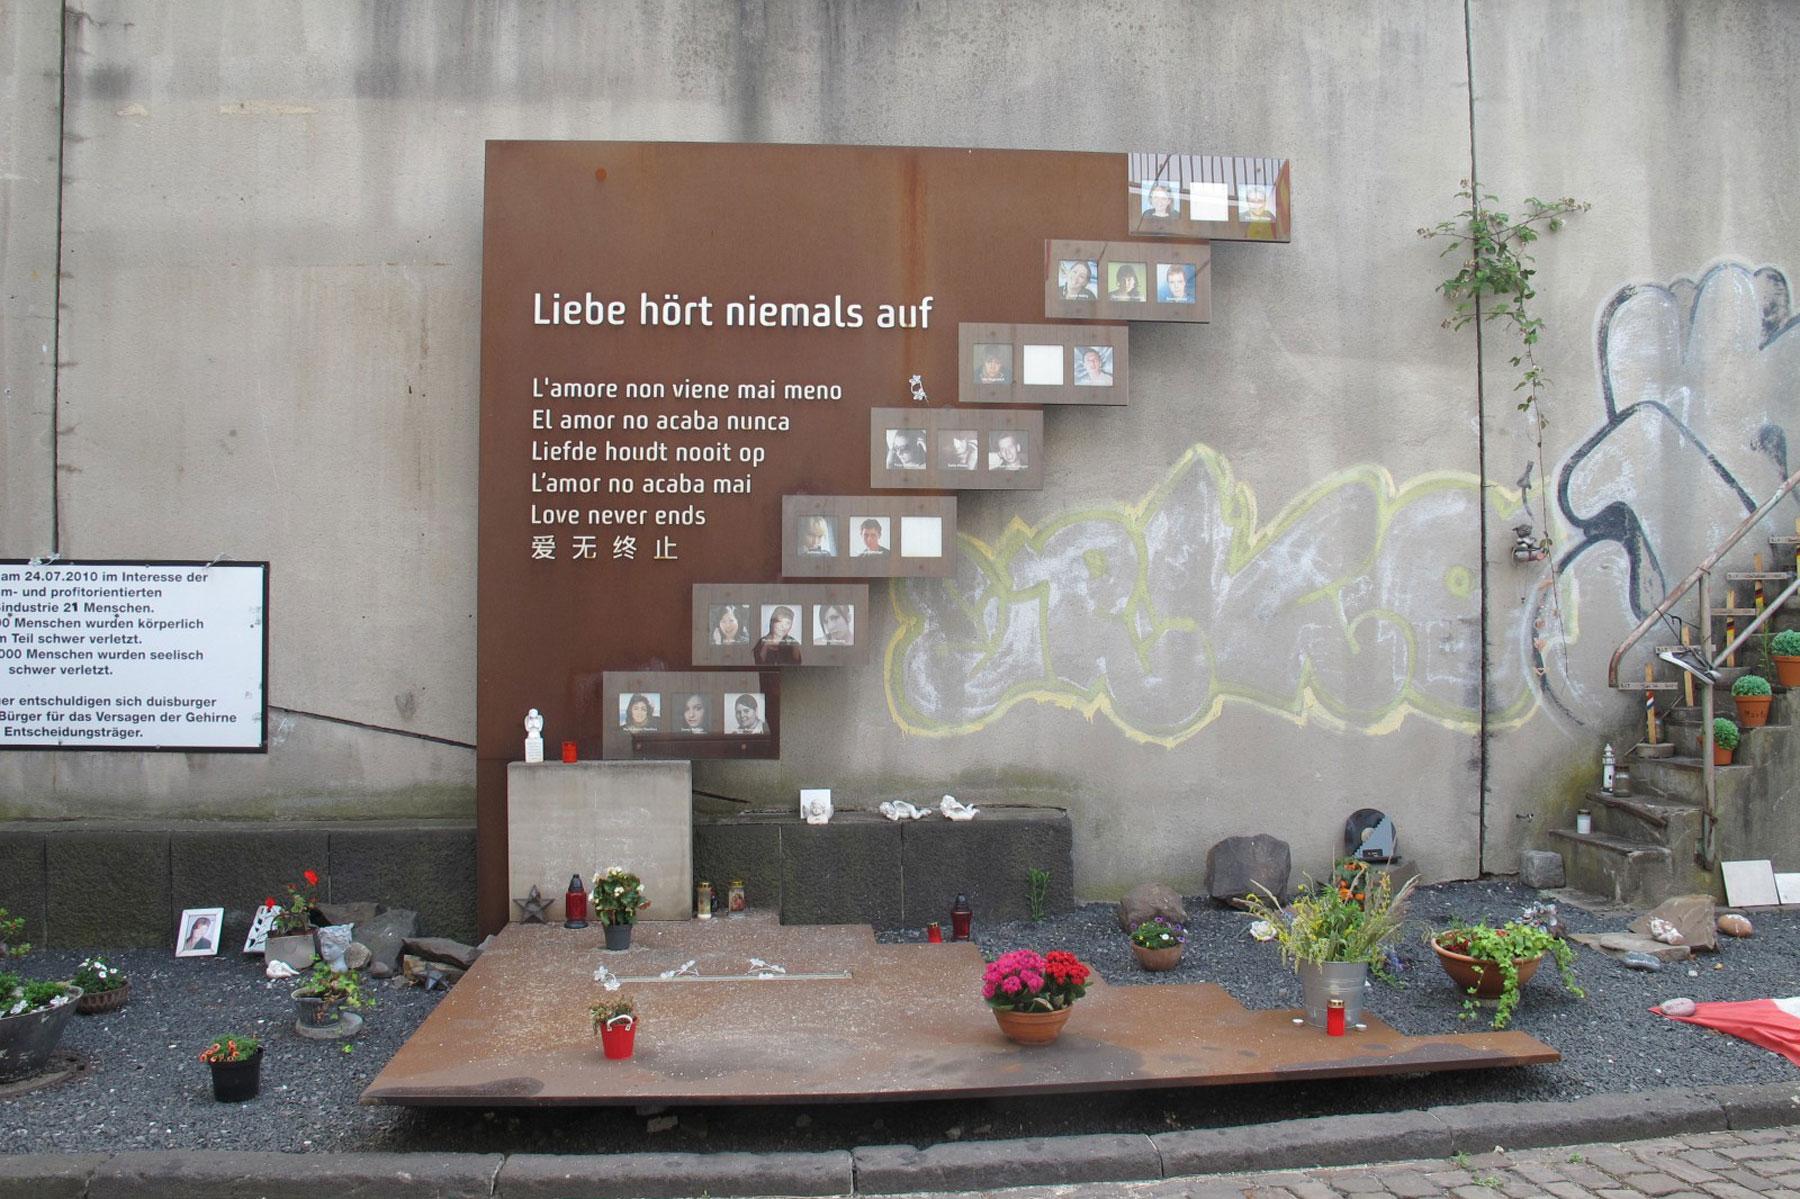 Erinnerung an die Loveparade. (Foto: Stadt Duisburg)